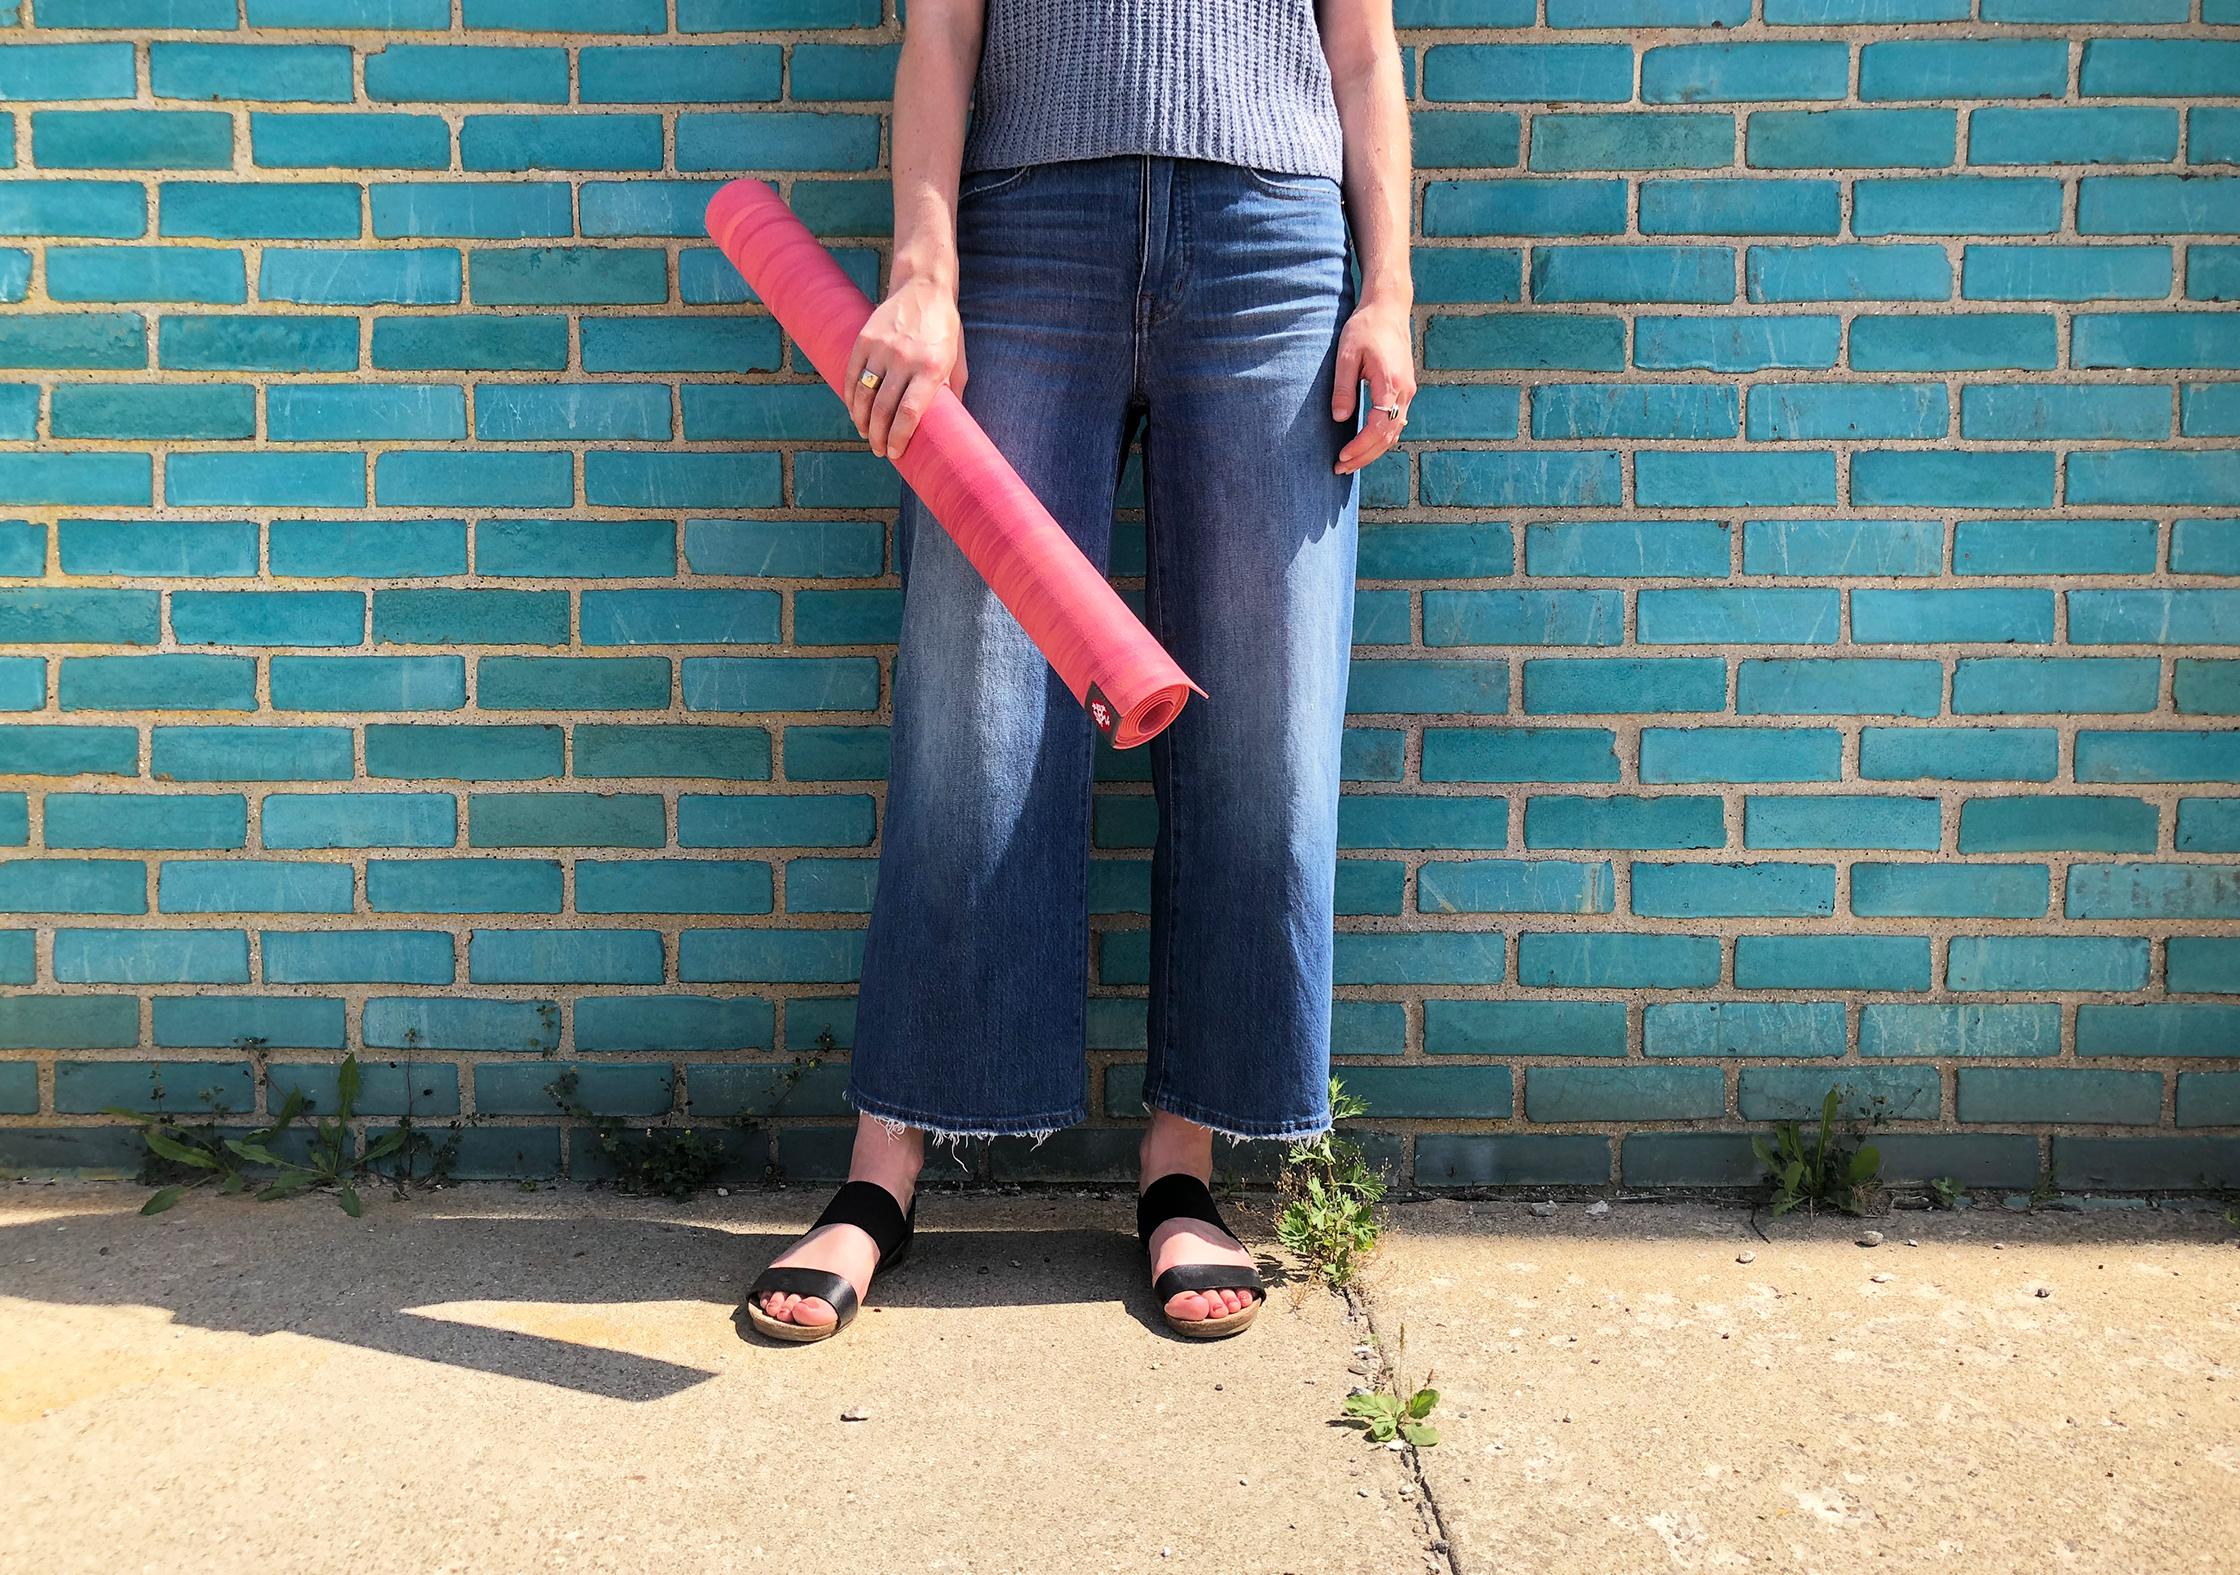 Manduka eKO SuperLite Yoga Mat Rolled Up